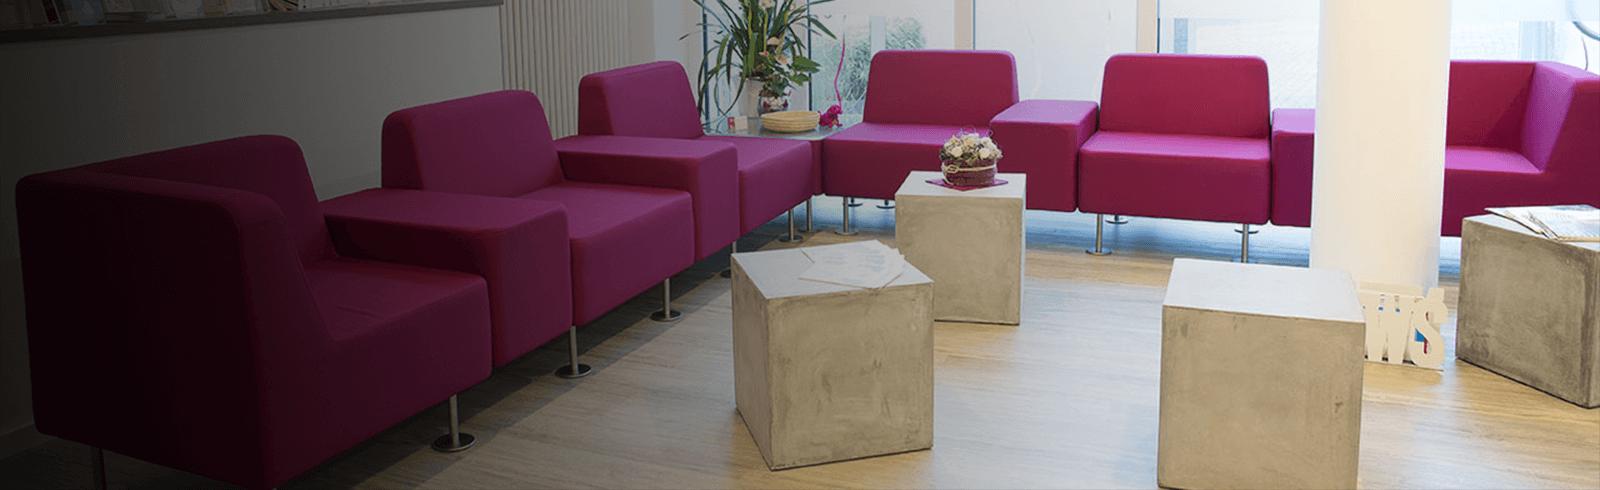 Dermamelius Institut in Siegen begrüßt alle Gäste in einem schicken Ambiente